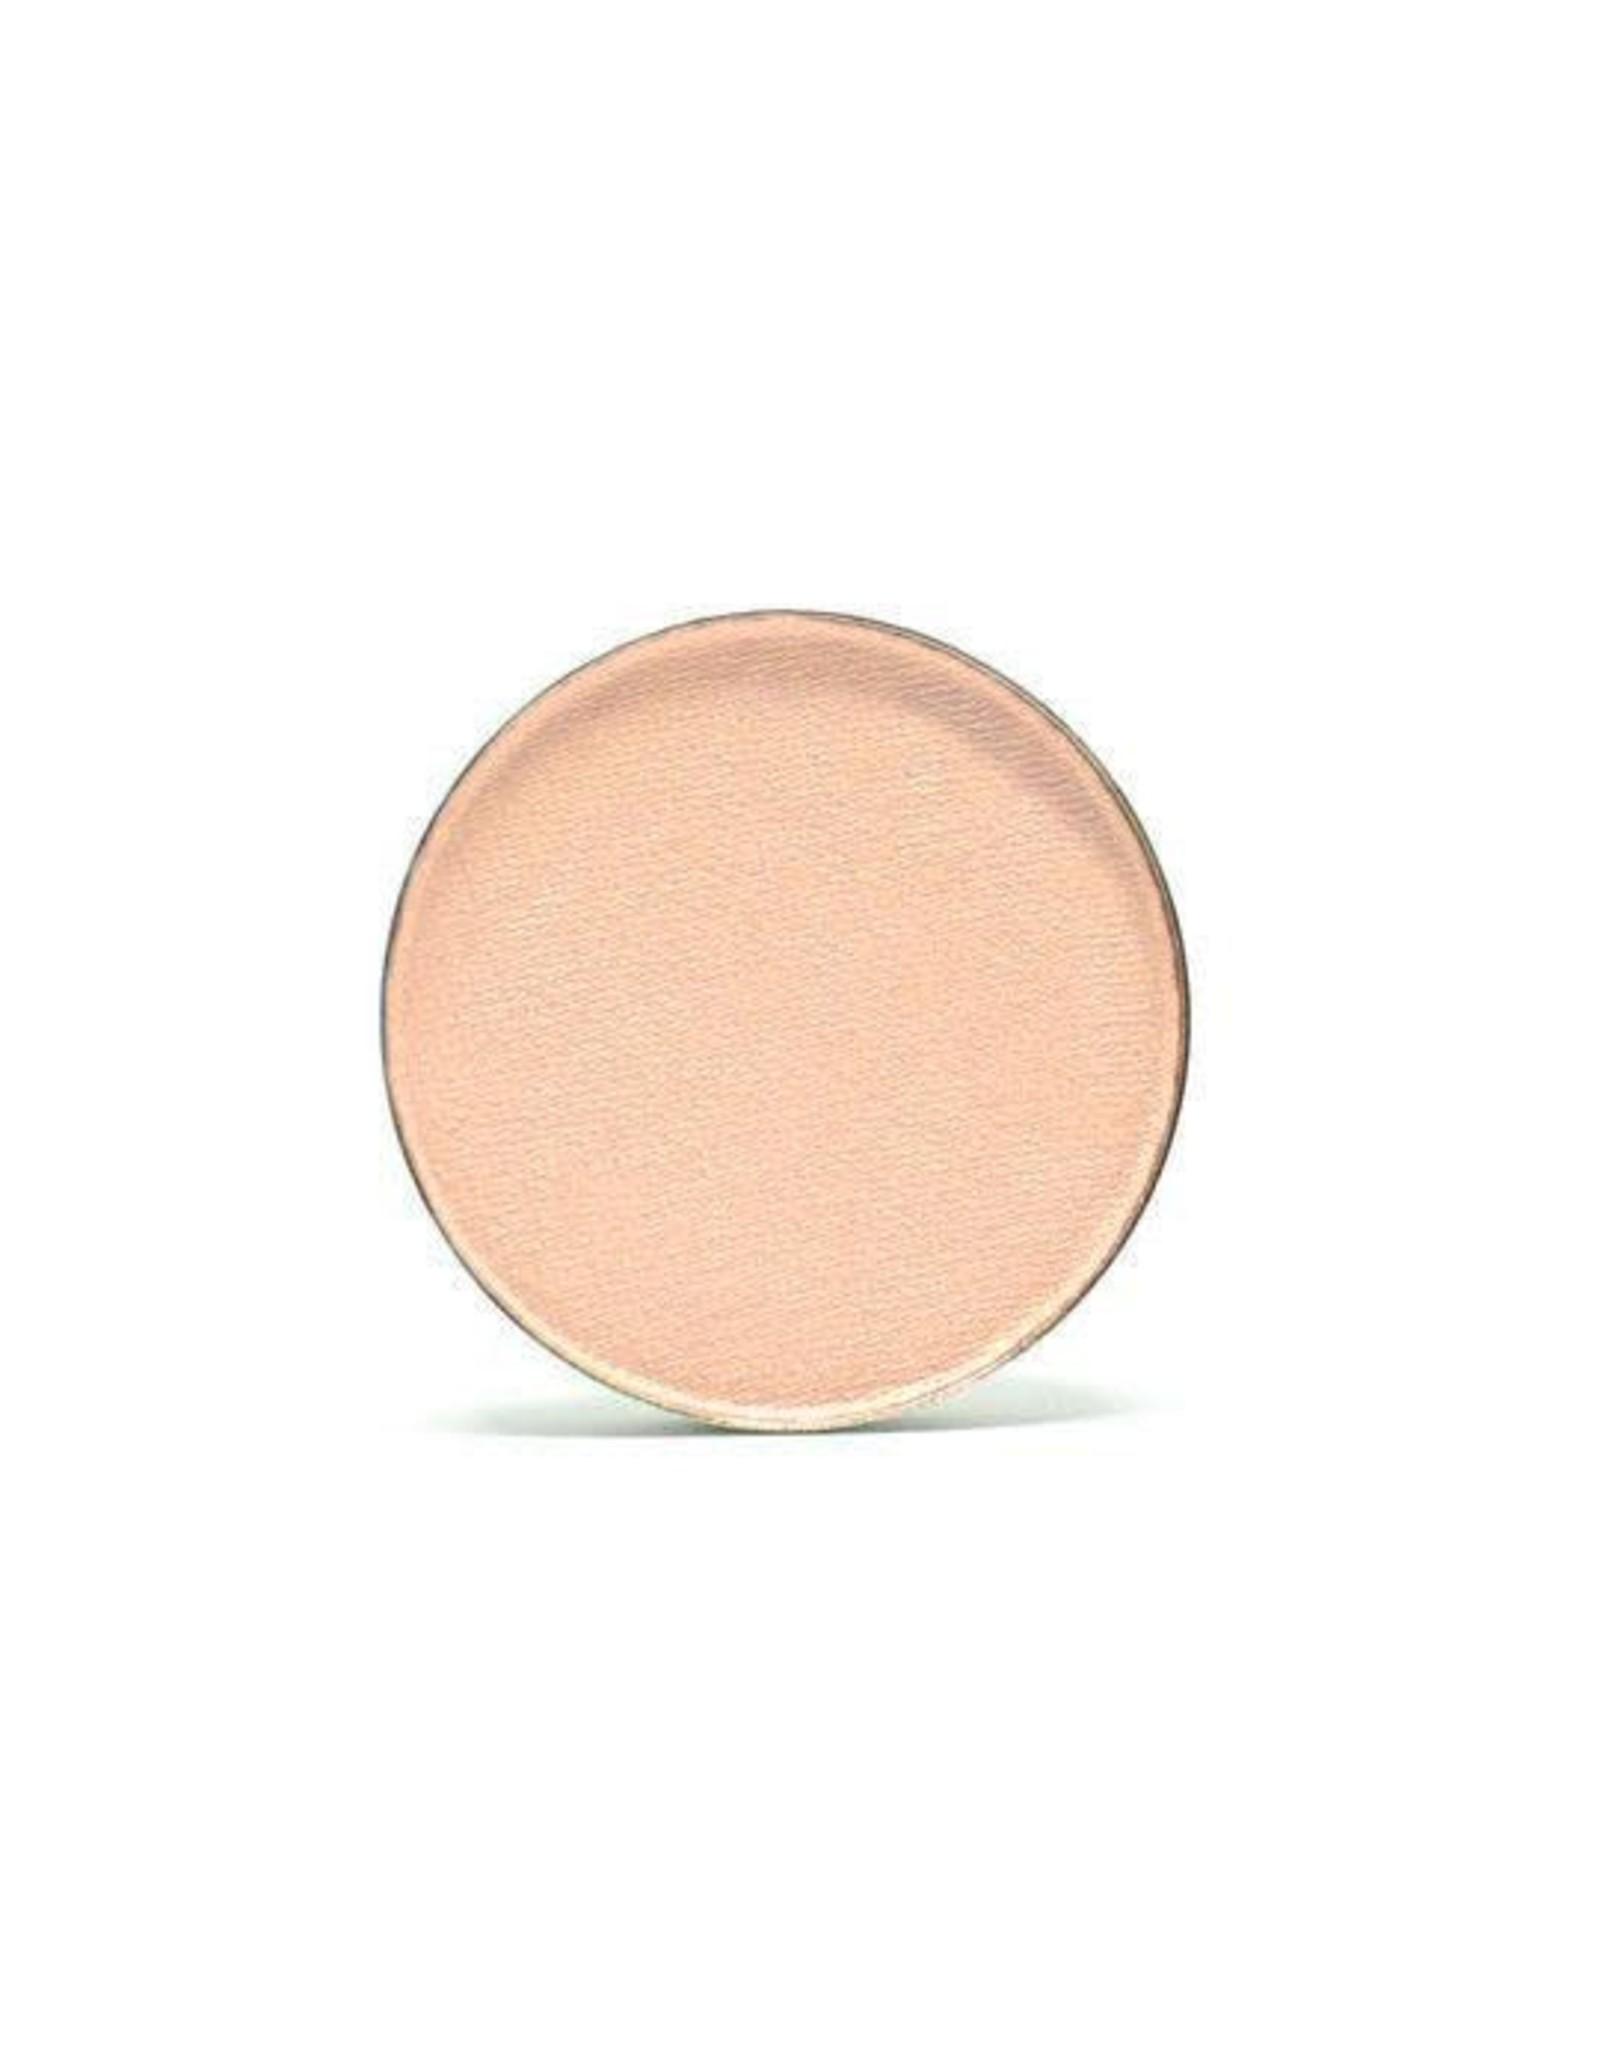 Elate Cosmetics Elate Create Eye Colour - Soar